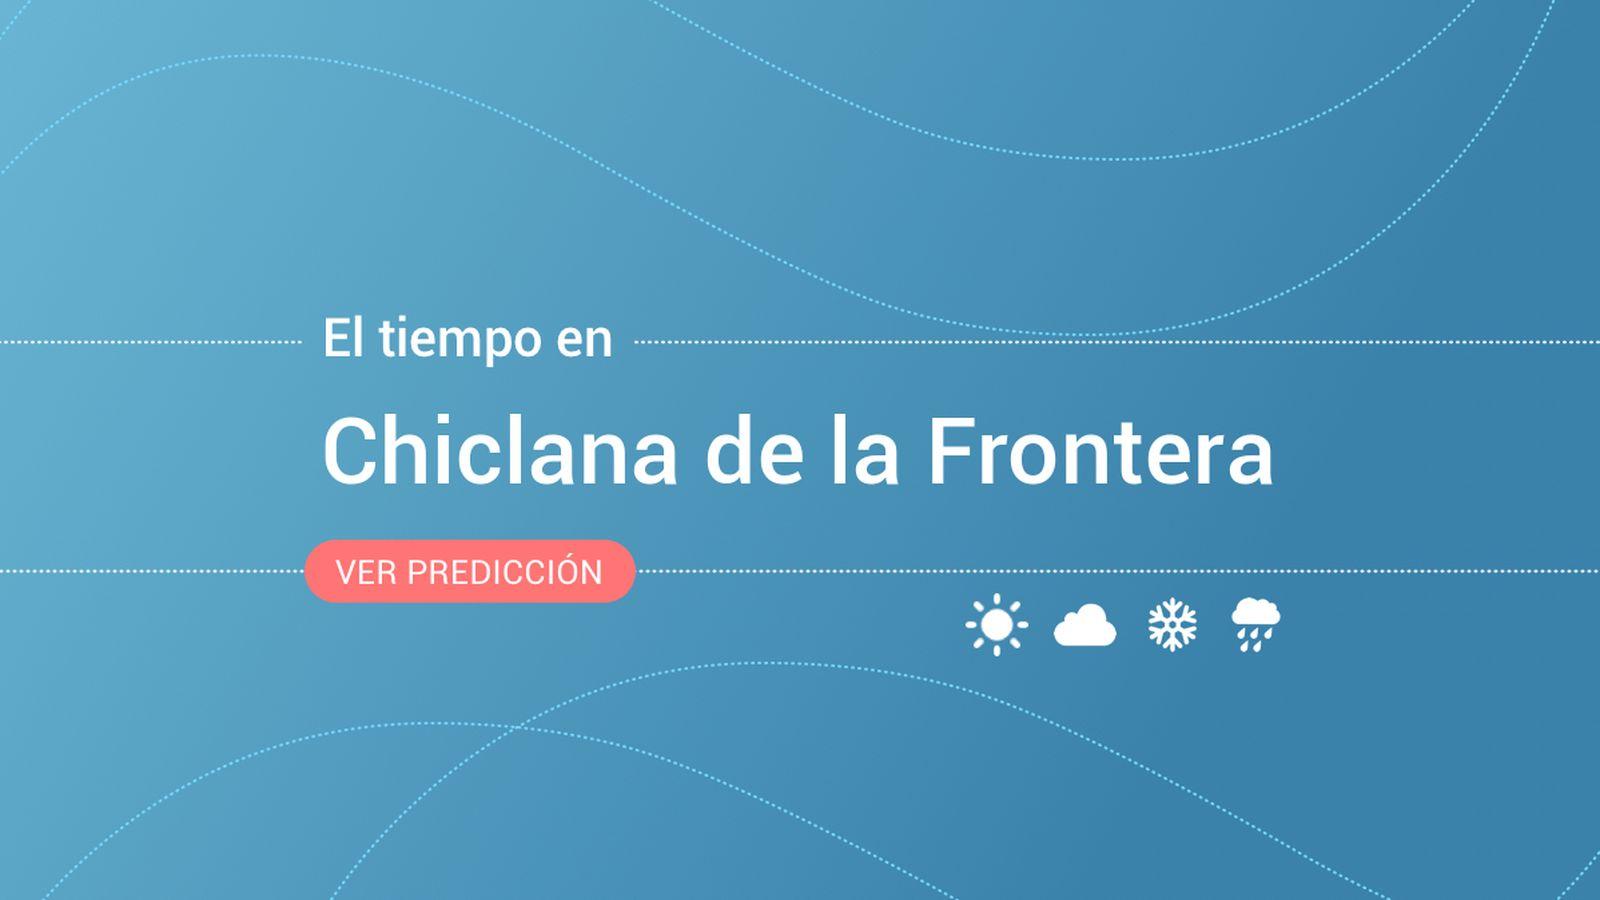 Foto: El tiempo en Chiclana de la Frontera. (EC)